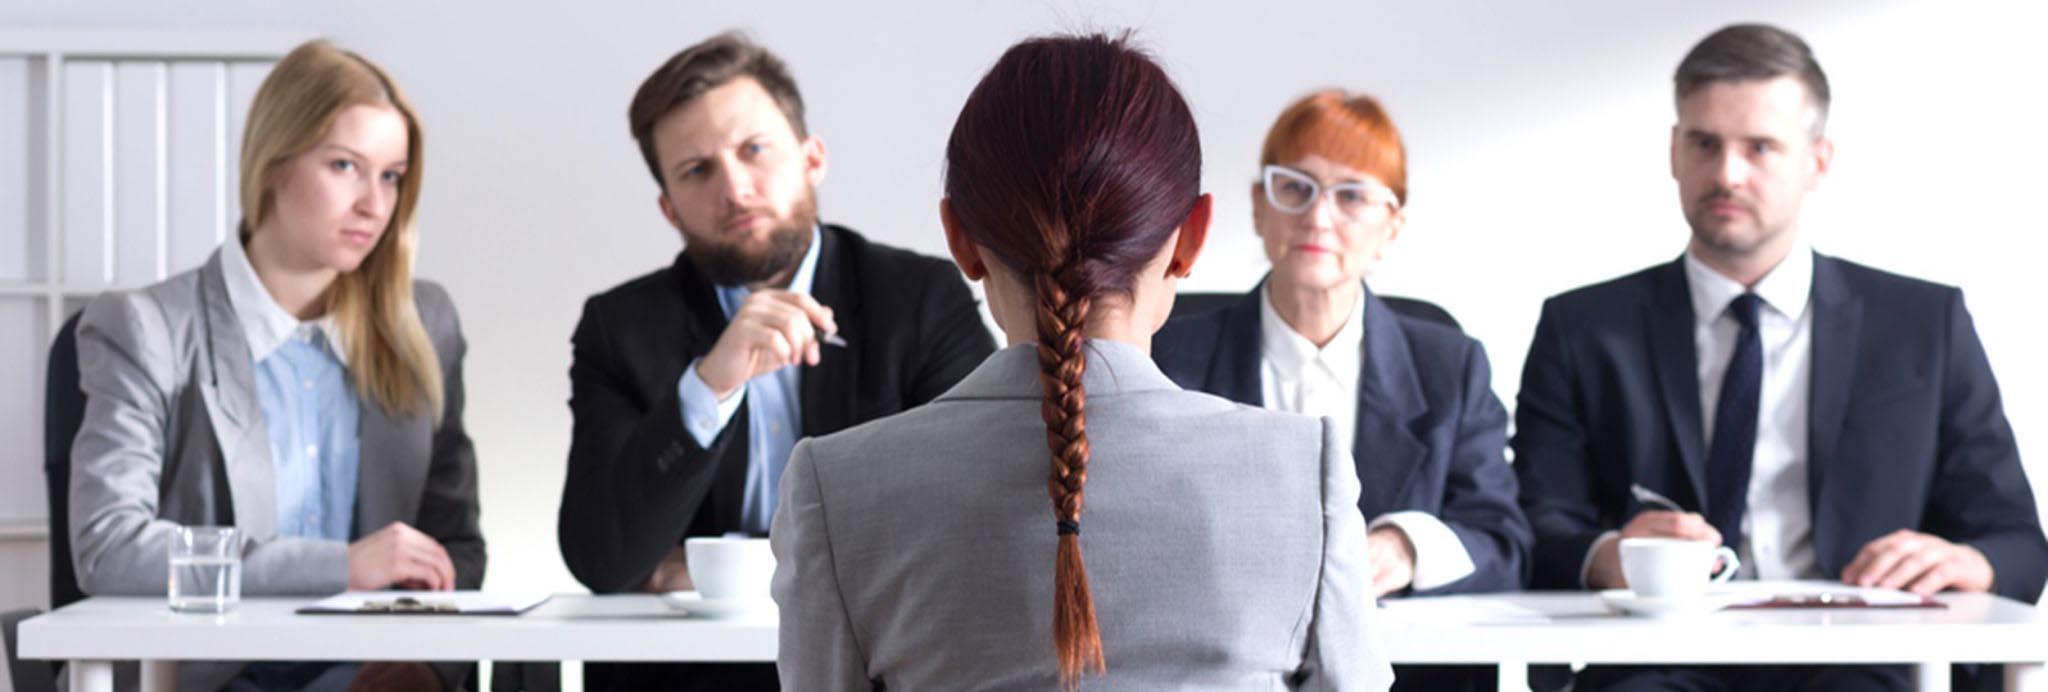 Problemas laborales - De Salud Psicólogos Madrid